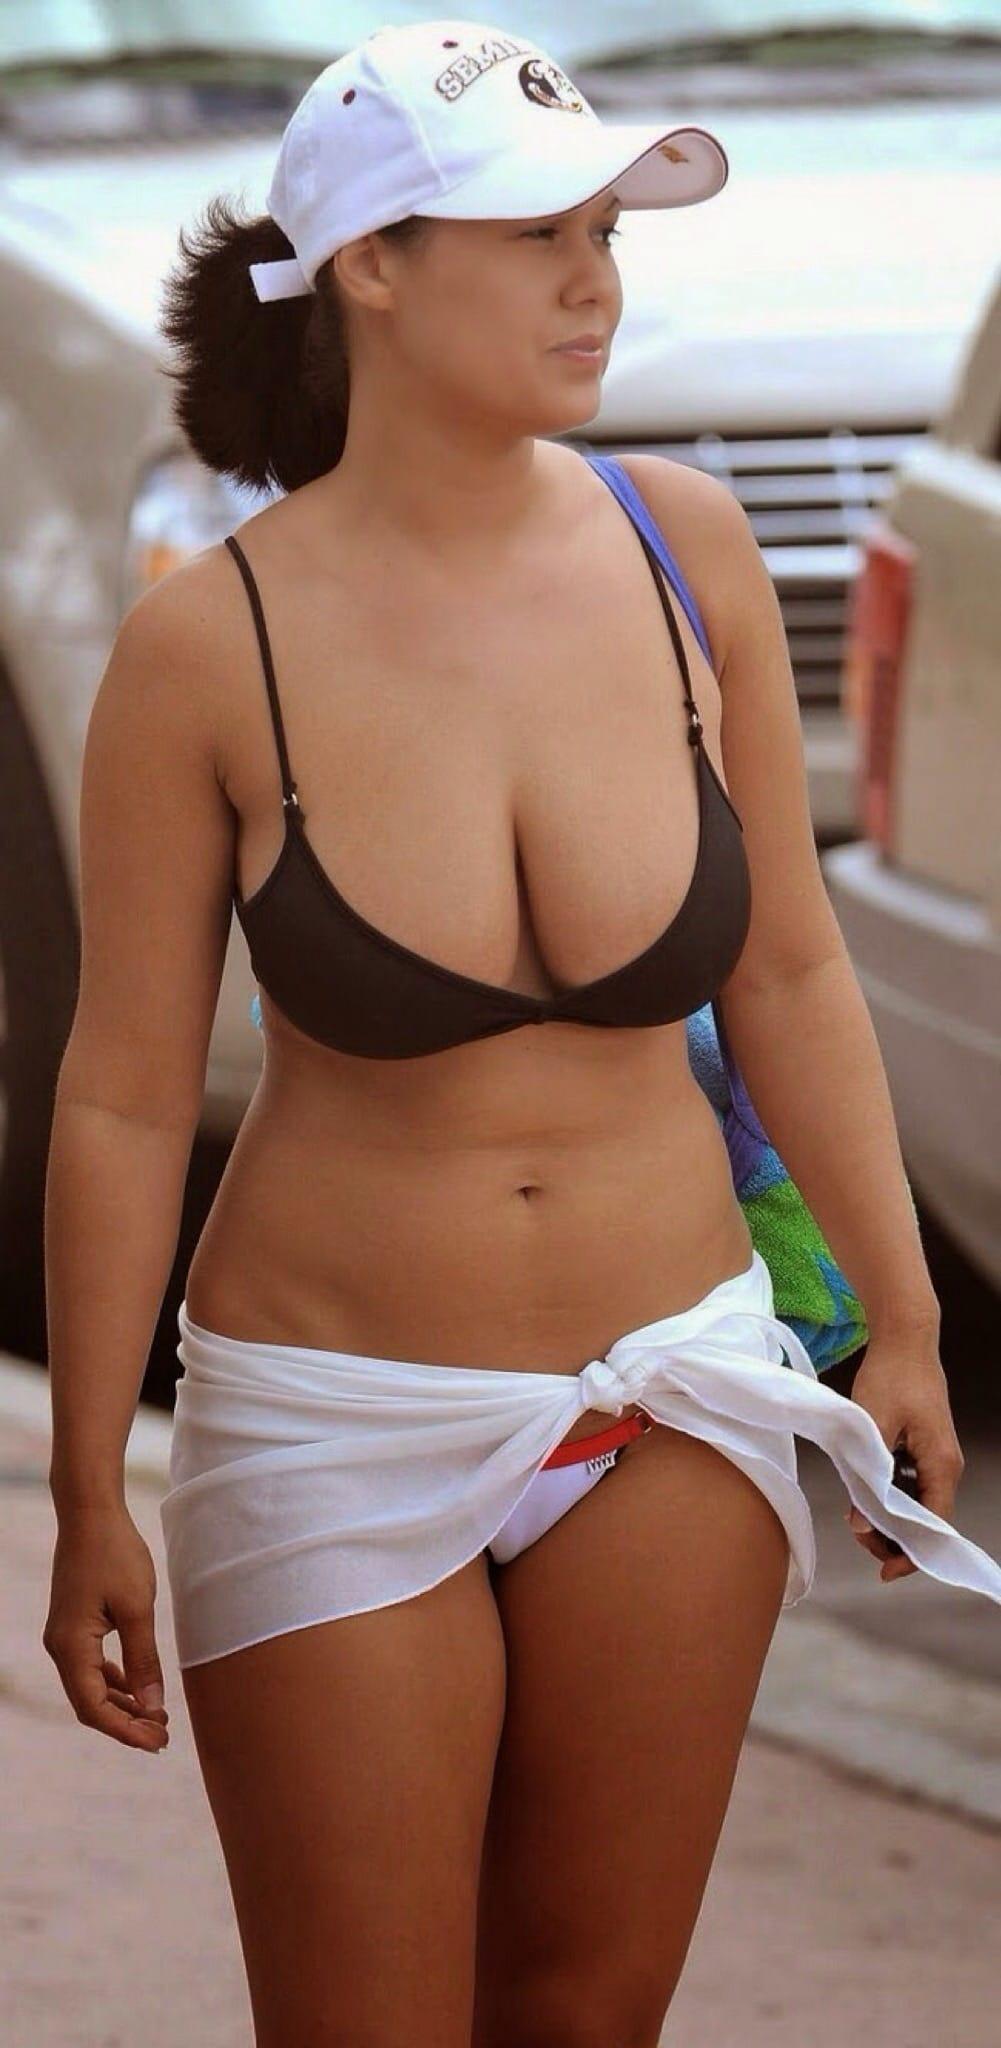 Girls in bikinis making out